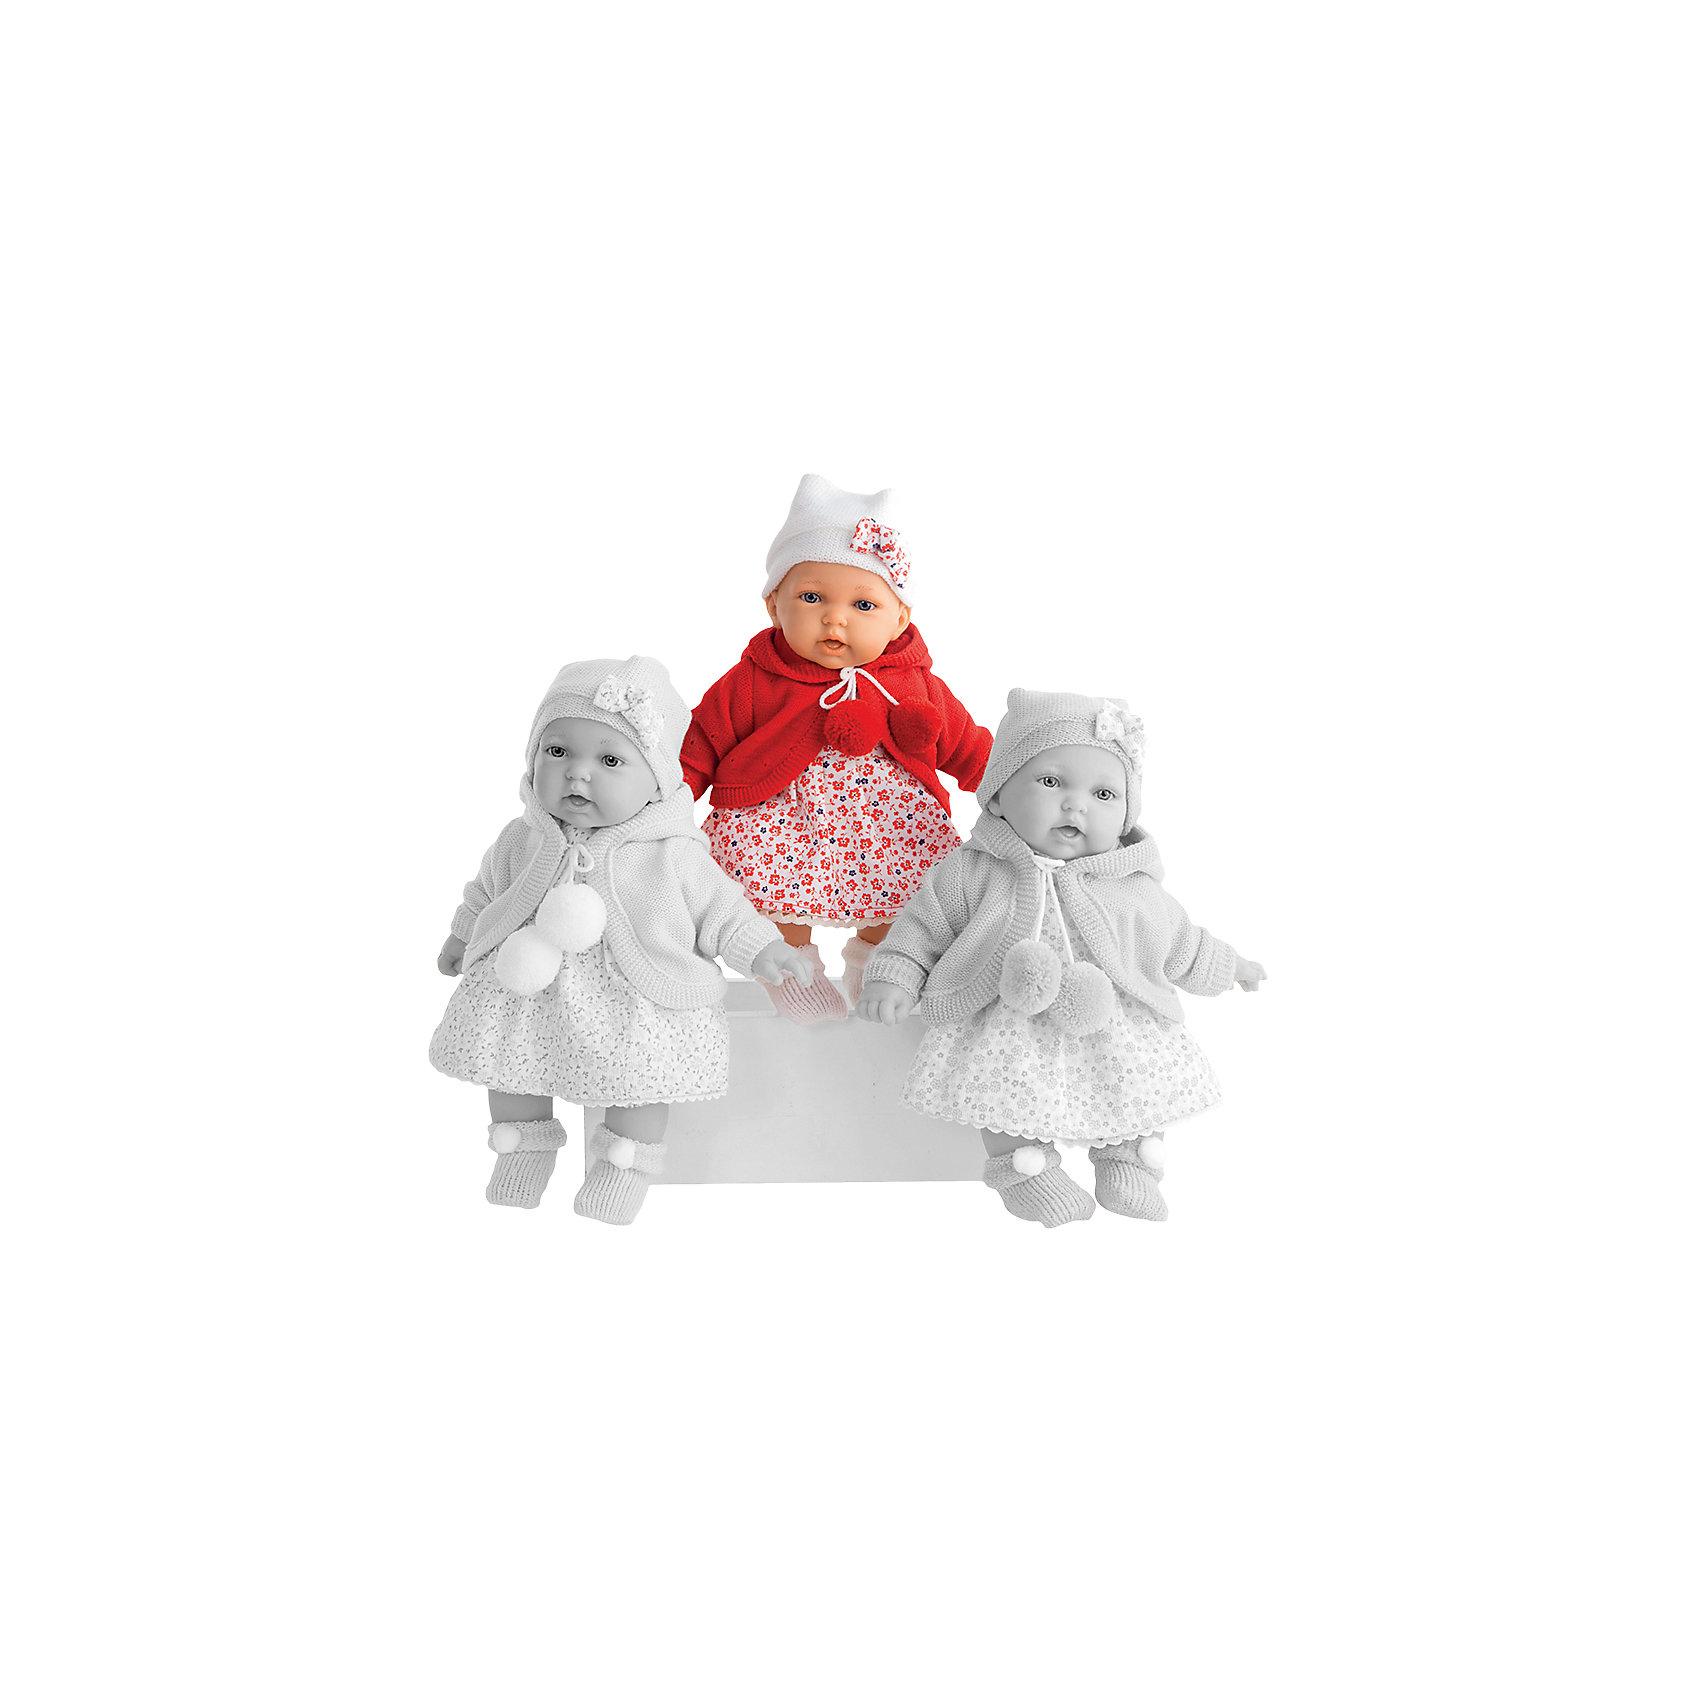 Кукла Азалия в красном, 27 см, Munecas Antonio JuanБренды кукол<br>Очаровательная малышка Азалия, Munecas Antonio Juan (Мунекас Антонио Хуан), покорит не только детей но даже их родителей. Куколка выглядит как настоящая маленькая девочка, а ее трогательный внешний вид вызывает только самые положительные и добрые эмоции. Все куклы Антонио Мунекас производятся в Испании в маленьком городе Аликанте и отличаются высоким качеством и потрясающим сходством с настоящими младенцами. В коллекции представлены куклы разных возрастов, как новорожденных так и детей постарше. Все детали тщательно проработаны, пропорции идентичны строению маленького ребенка. В создании кукол и одежды для них принимали участие известные европейские дизайнеры, поэтому каждая куколка имеет свой неповторимый индивидуальный образ и чудесный модный наряд, сшитый вручную.<br><br> Искусно выполненные детали, такие как складочки на ручках и ножках, пушистые реснички, пухлые щечки и губки, придают игрушке трогательный и реалистичный вид. Туловище куклы мягконабивное и маленькая хозяйка будет с удовольствием обнимать и тискать ее. Если нажать кукле на животик один раз - она засмеется, второй раз - скажет мама, третий раз - скажет папа. У Азалии подвижные ручки и ножки, изготовленные из высококачественного эластичного винила, глазки не закрываются. Куколка одета в симпатичное платьице с цветочным рисунком, теплую красную кофточку с помпонами и шапочку с бантиком, на ножках теплые пинетки. Эта чудесная милая куколка станет любимицей Вашей девочки и будет воспитывать в ней доброту, внимание и заботу.<br><br>Дополнительная информация:<br><br>- Материал: текстиль, винил.<br>- Требуются батарейки: 3 х АА 1,5V (входят в комплект).<br>- Высота куклы: 27 см.<br>- Размер упаковки: 17,5 x 31 x 10 см.<br>- Вес: 0,65 кг.<br><br>Куклу Азалия в красном, Munecas Antonio Juan (Мунекас Антонио Хуан), можно купить в нашем интернет-магазине.<br><br>Ширина мм: 100<br>Глубина мм: 175<br>Высота мм: 310<br>Вес г: 645<br>Возраст от м